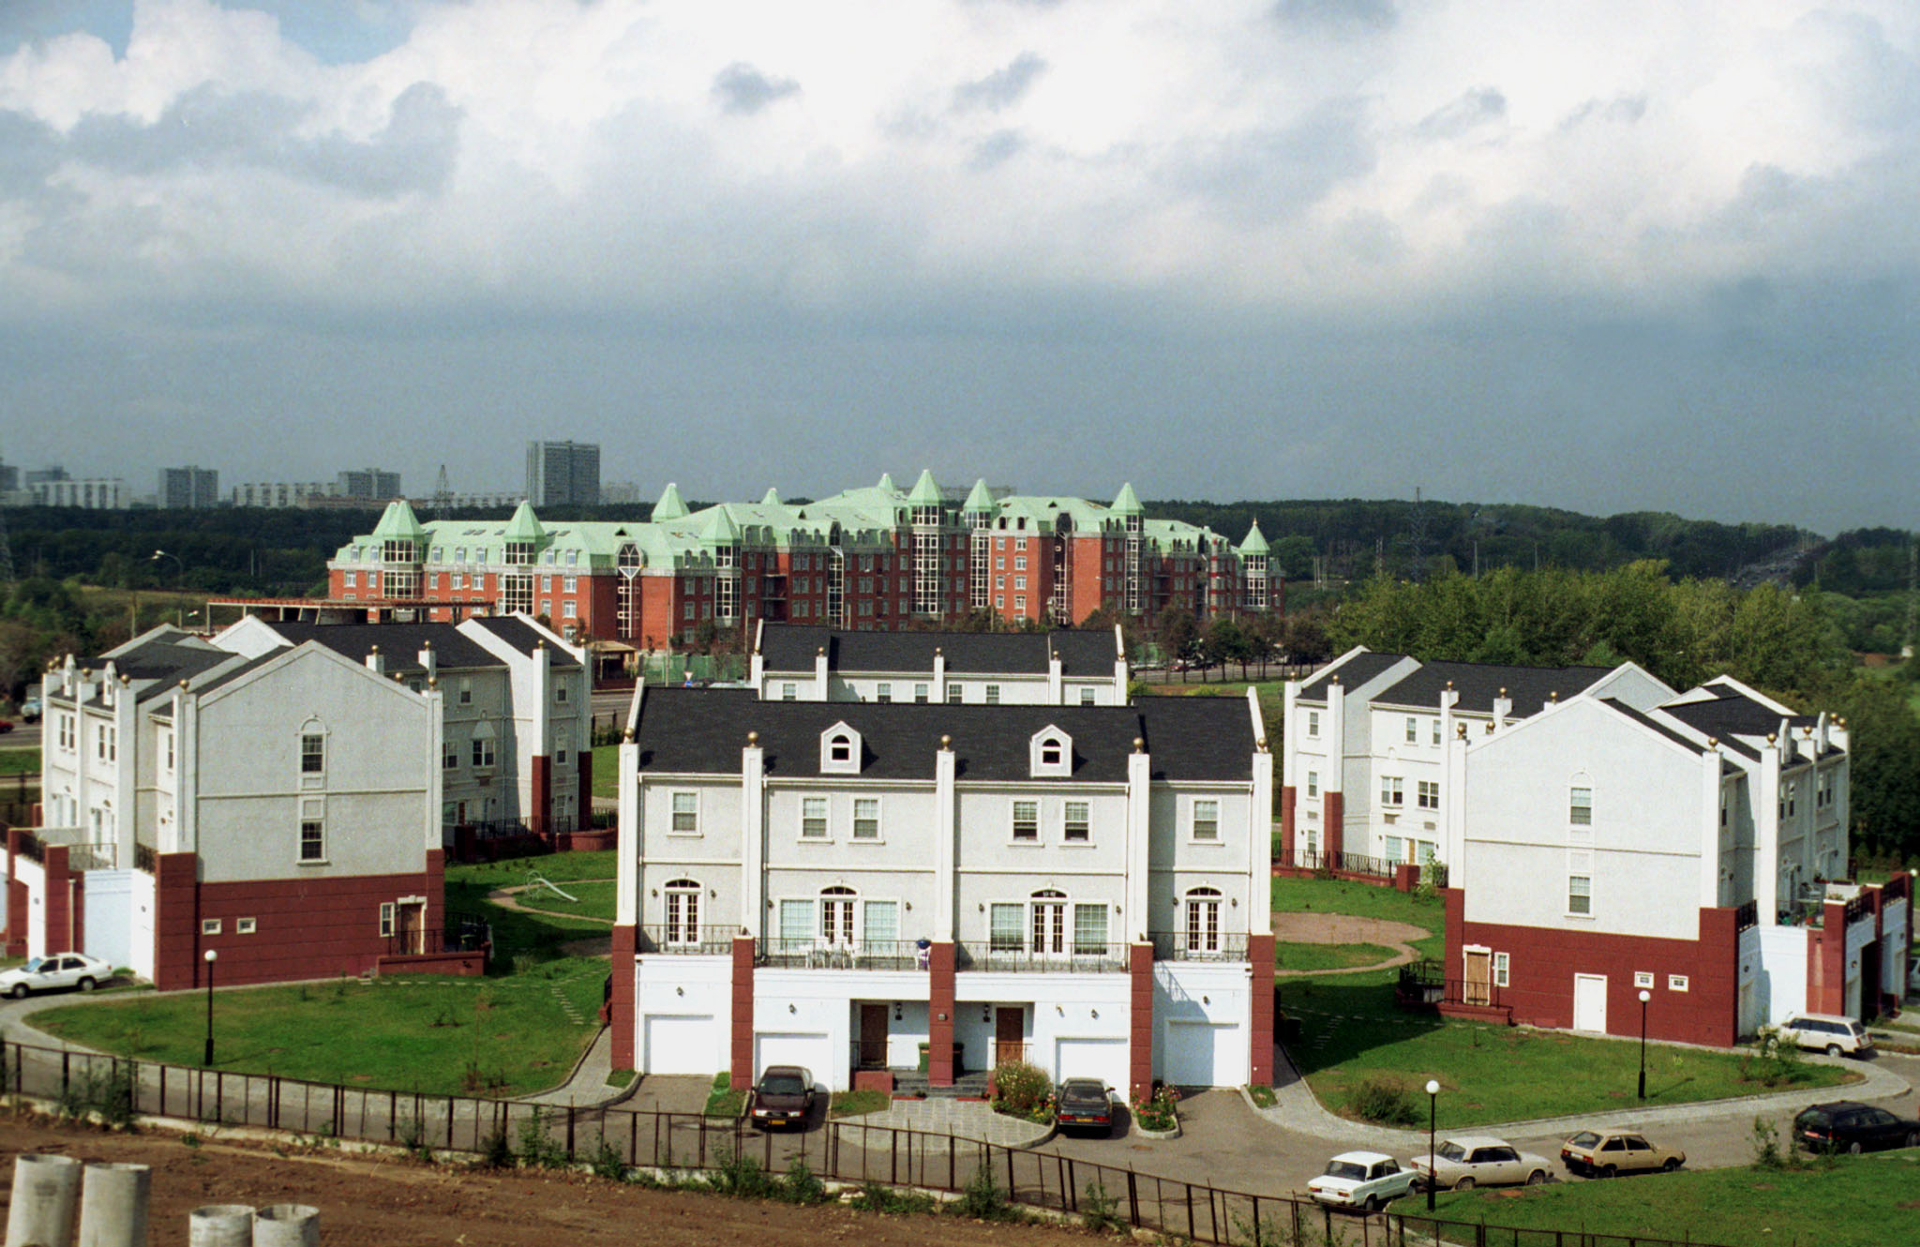 Не все поселки из 1990-хпредставляли собой хаотичную застройку. Один из самых успешных проектов тех лет— коттеджный поселок «Сетунь» на Минской улице в Москве